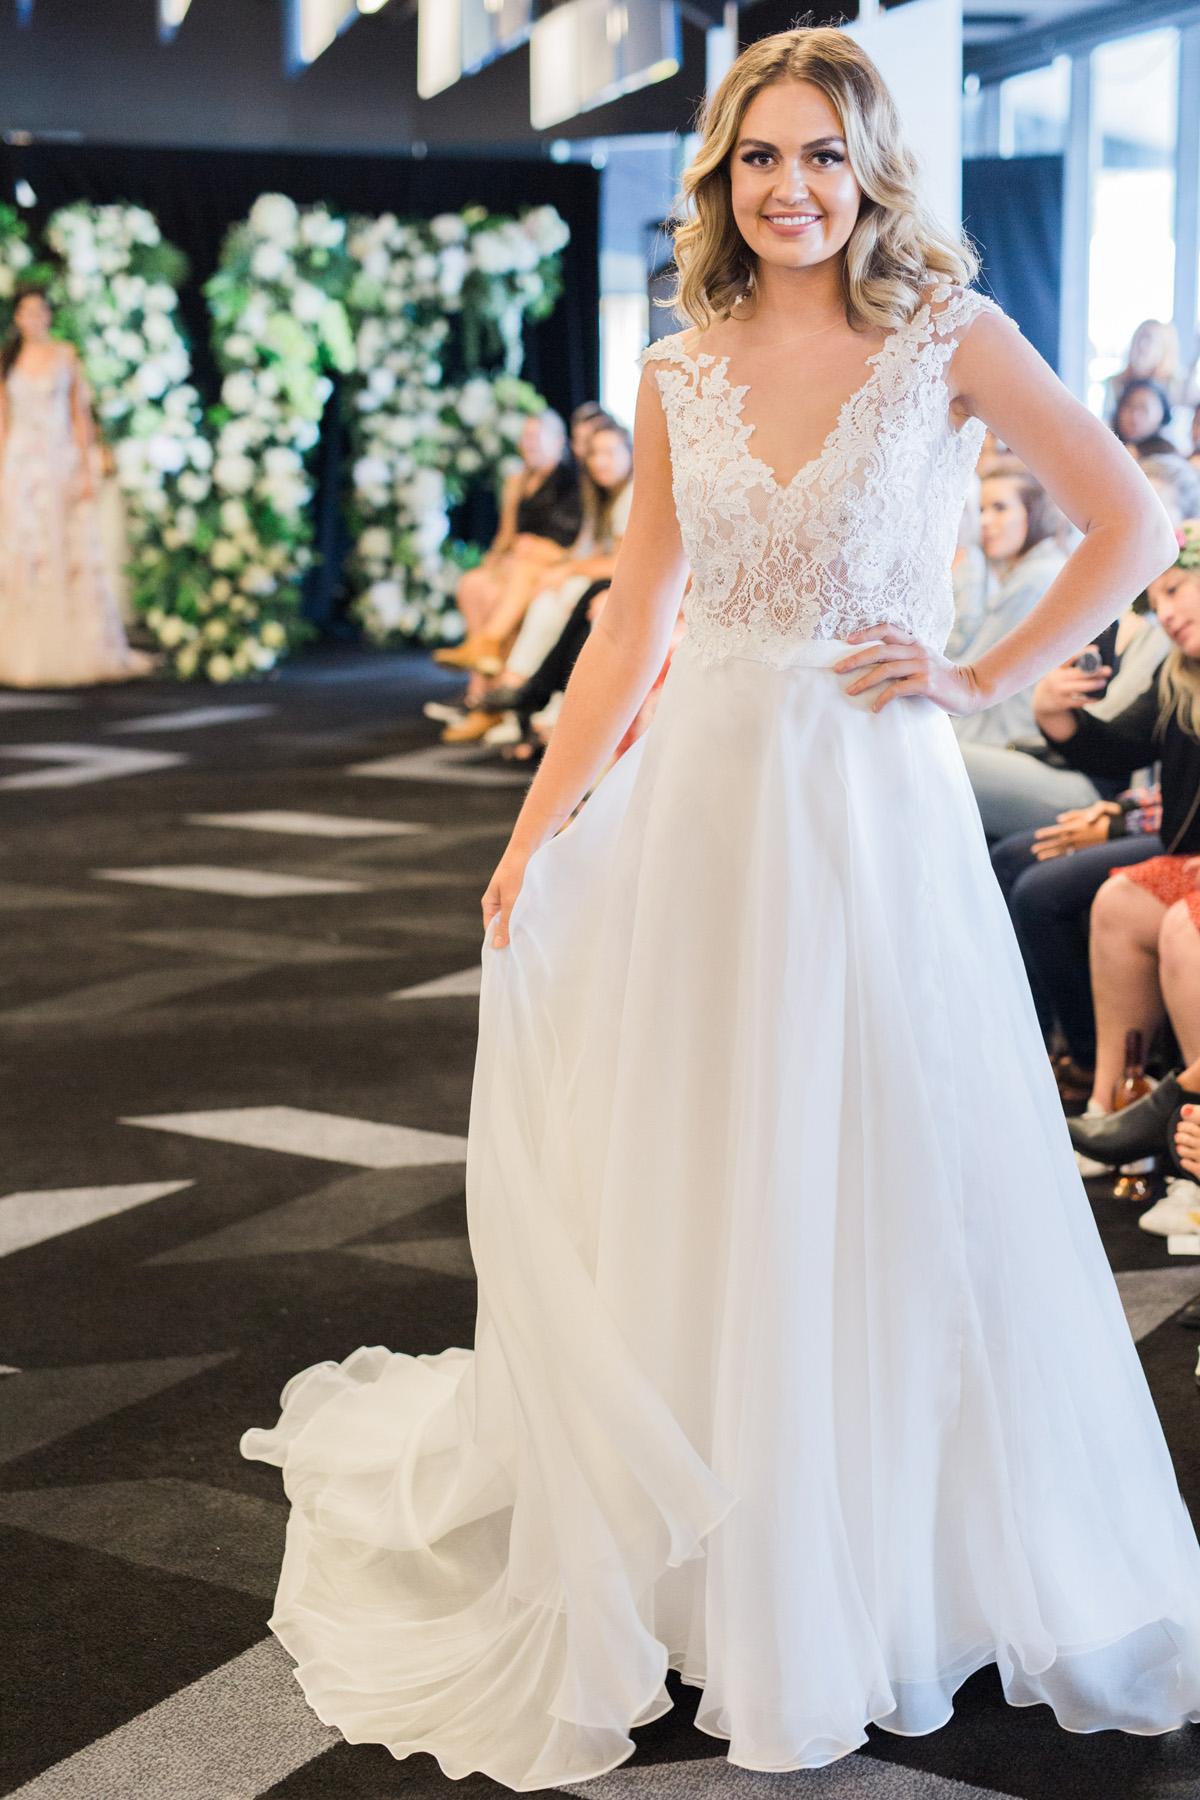 Love-Wedding-Festival-Sydney-Wedding-Gown-Angela-Osagie-25.jpg